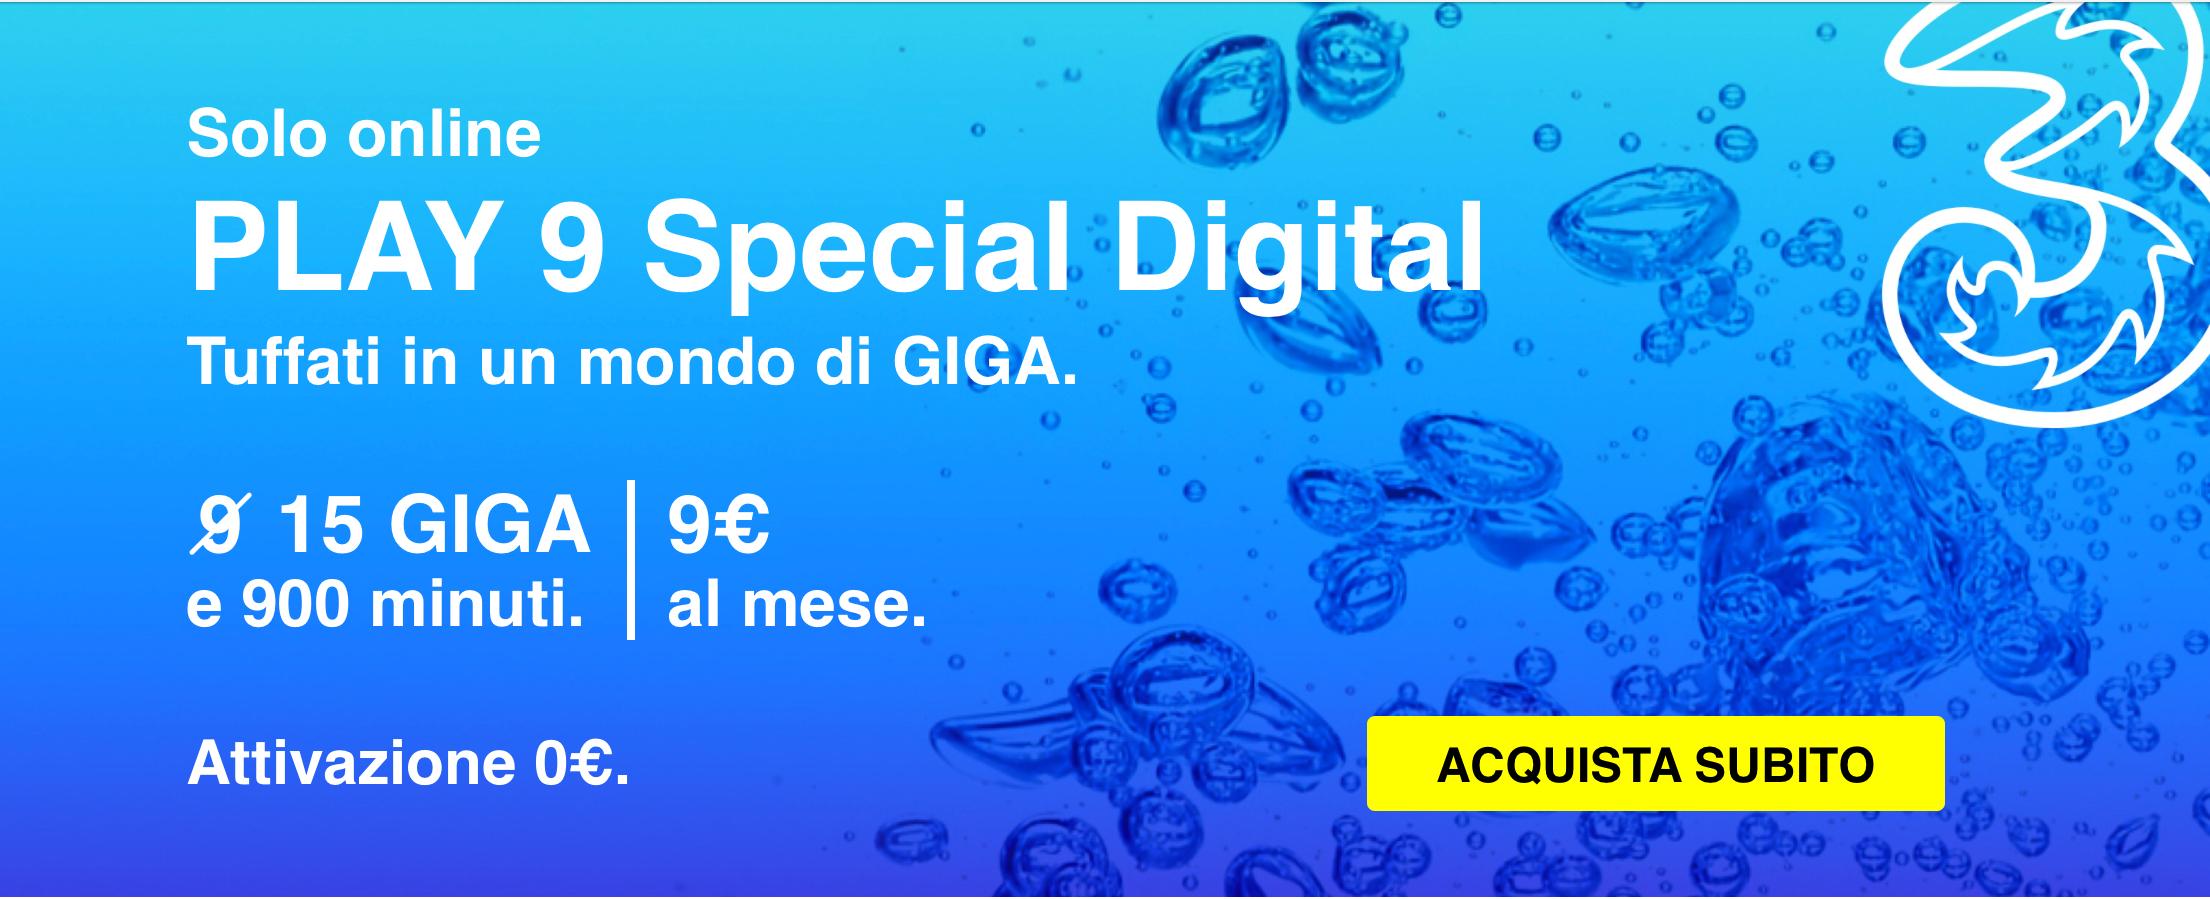 Play 9 digital di tre